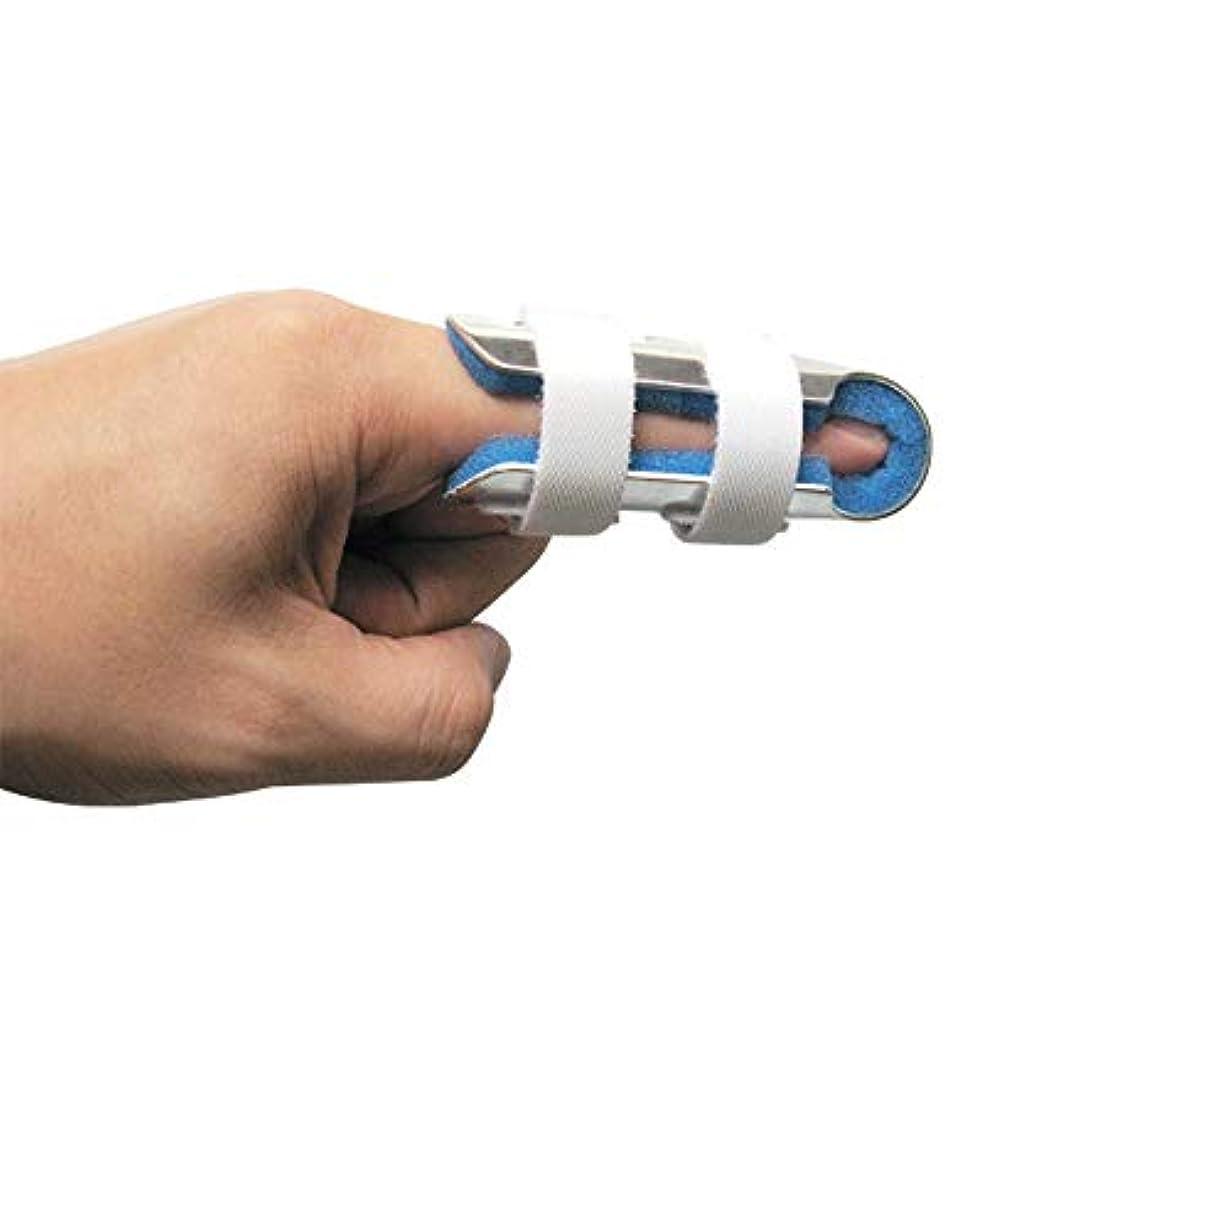 保守可能巨人倫理指の関節固定用の柔らかいフォームの内部ループストラップと保護穴を備えた指の副木大人と子供,S